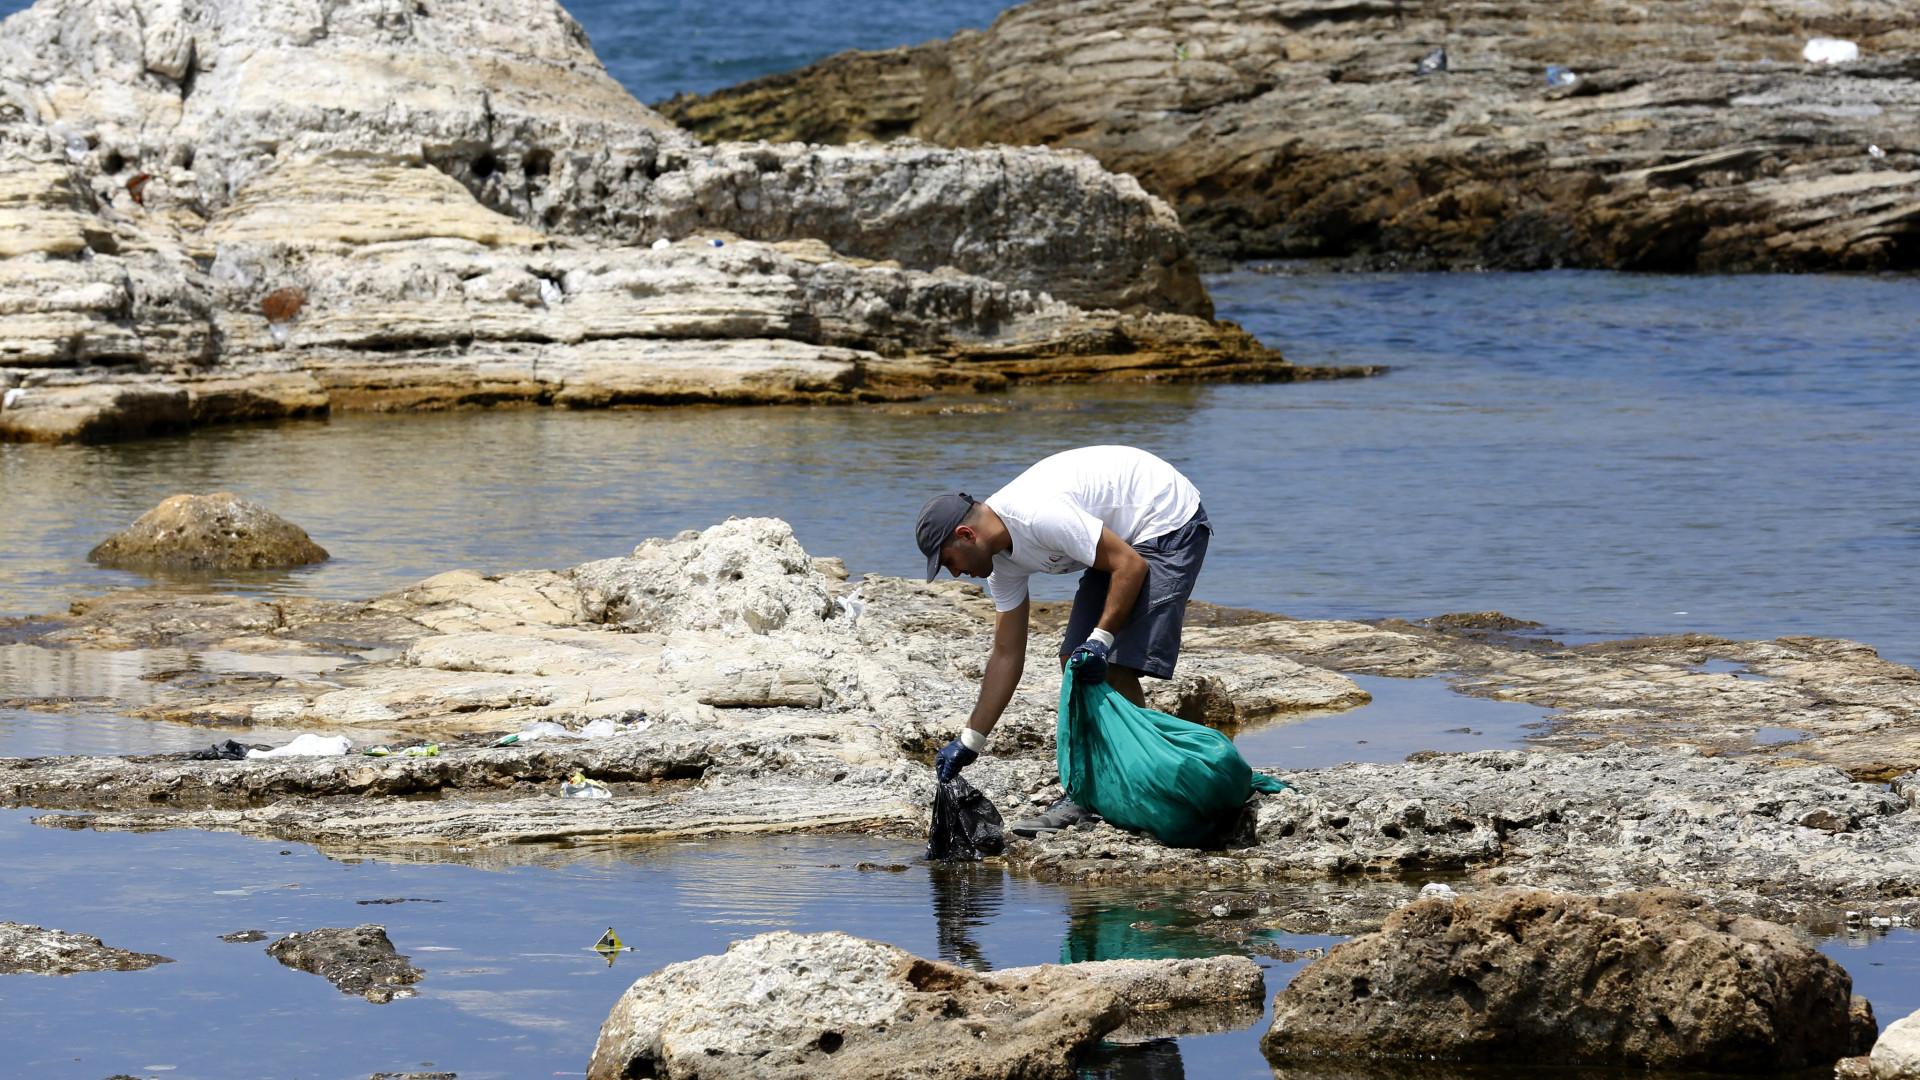 Campanha vai transformar plástico das praias em aparelhos de desporto